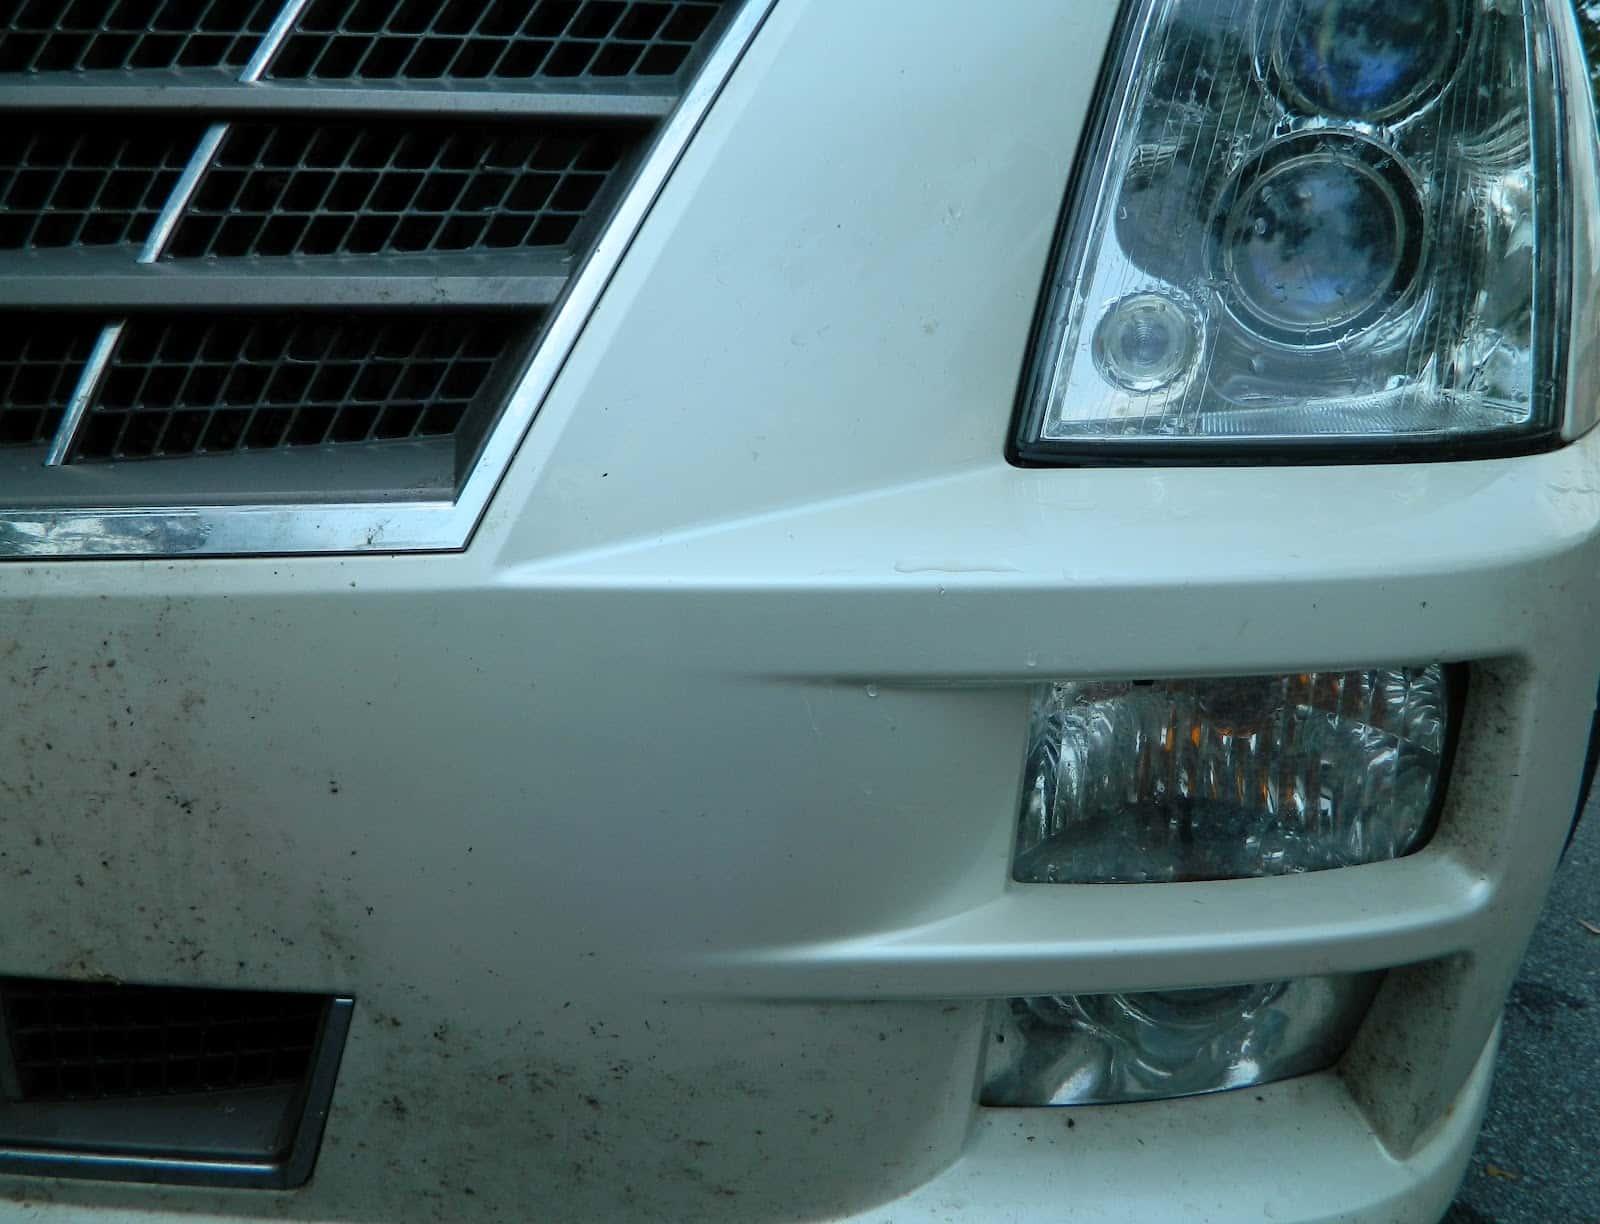 Las Sábanas Para Secadora Pueden Ayudar A Deshacerse De Los Insectos En Su Automóvil